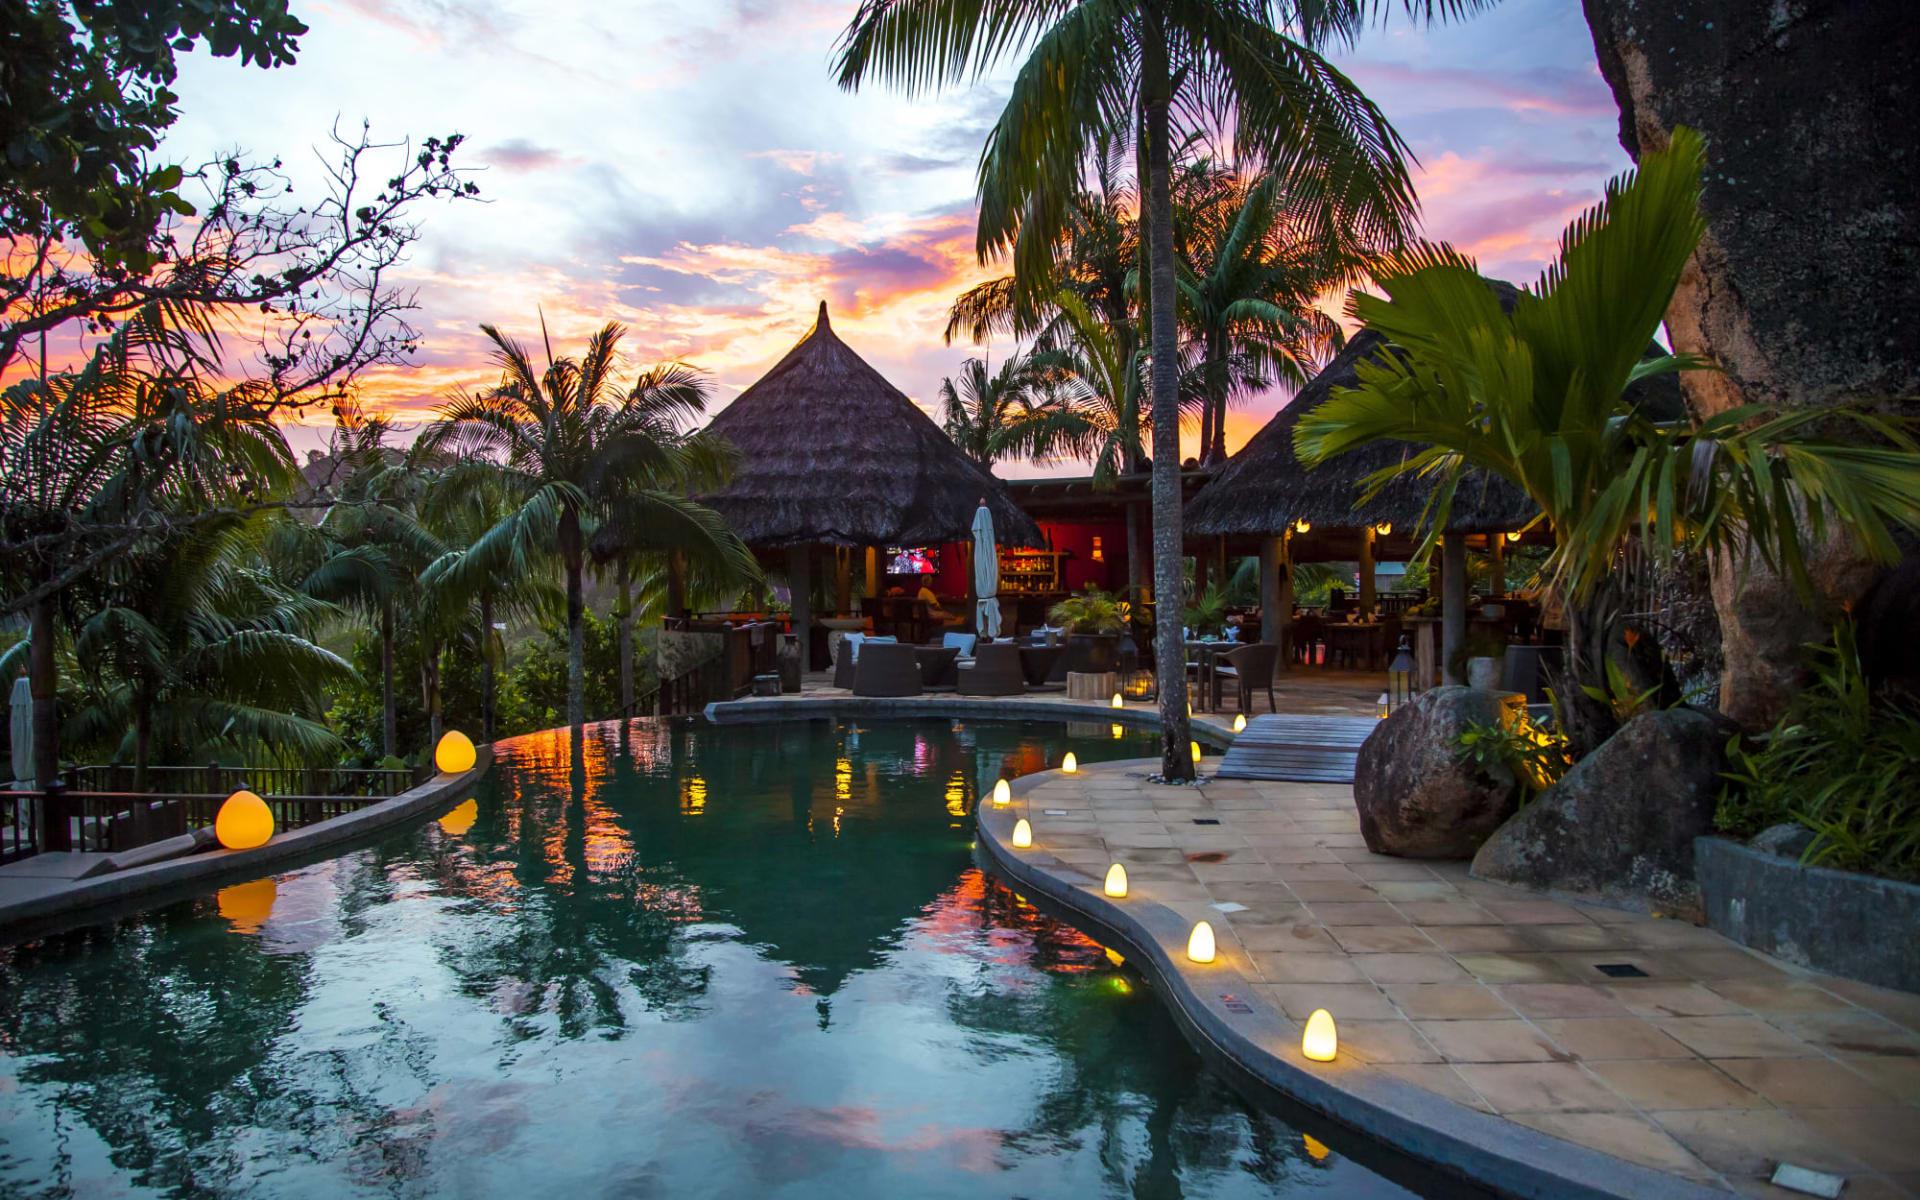 Valmer Resort in Mahé: